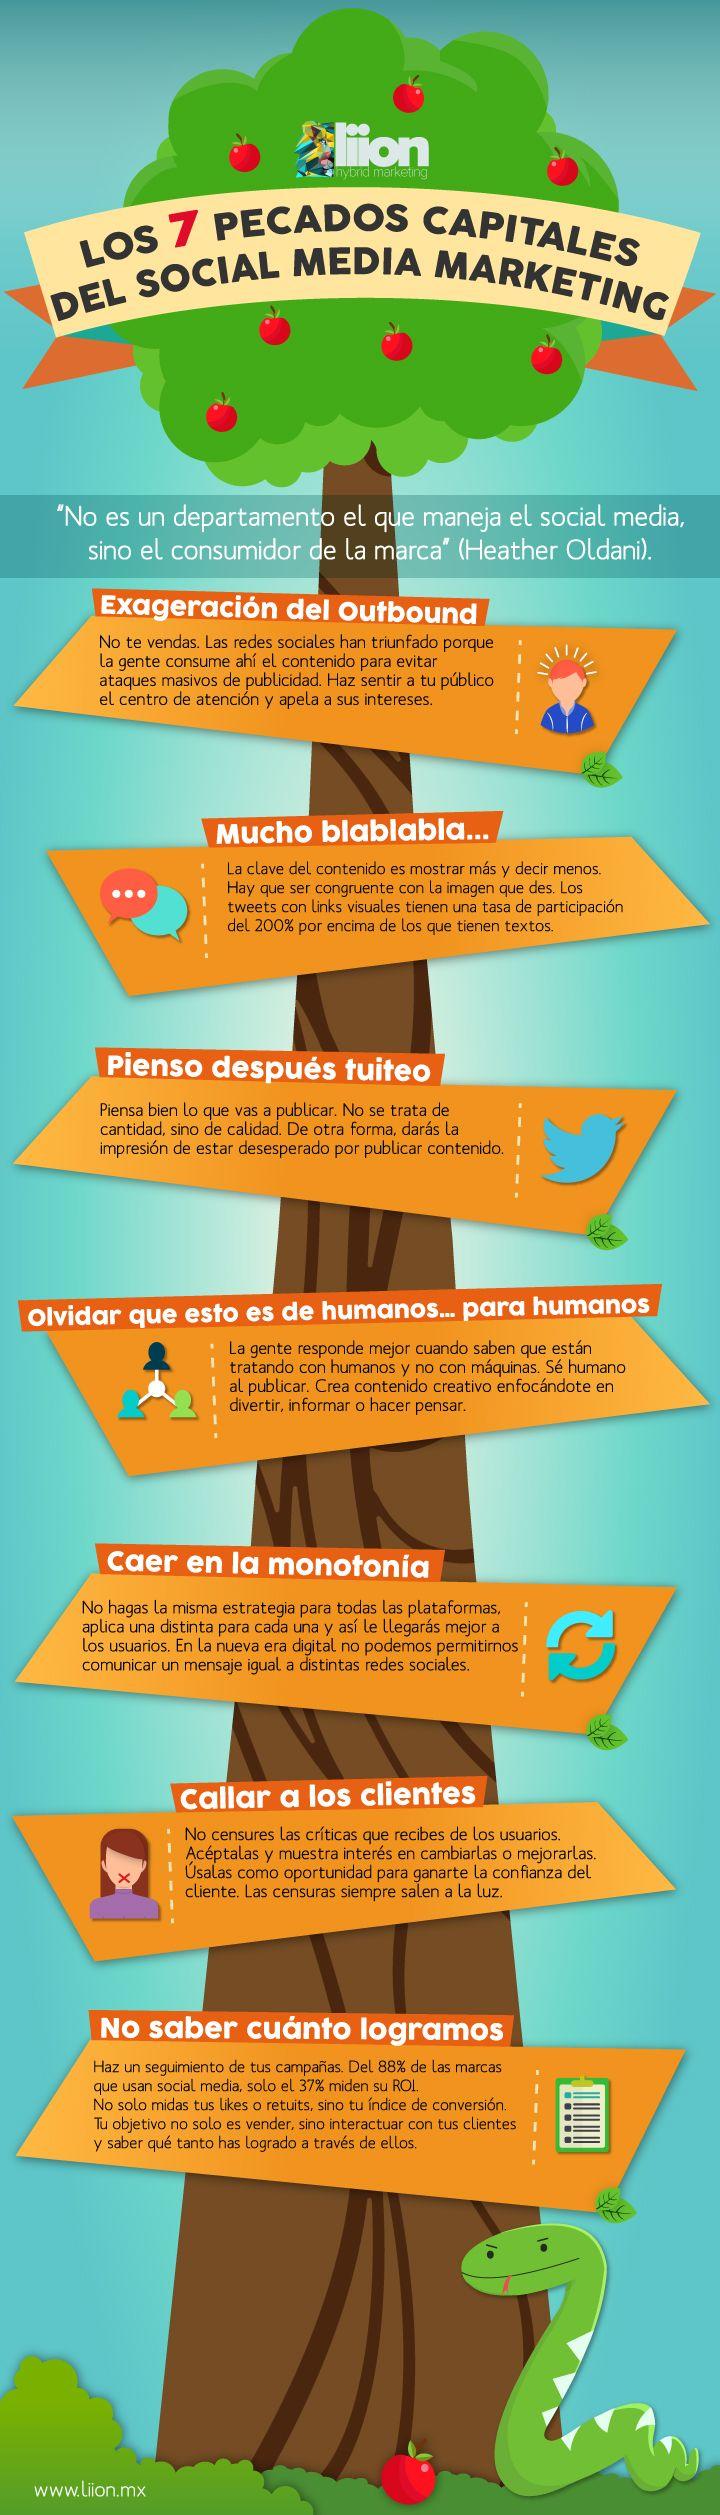 7 pecados del #SocialMedia Marketing ..  El mas grave, a mi entender, olvidar que esto va de relaciones humanas, entre humanos; seas o no una marca.